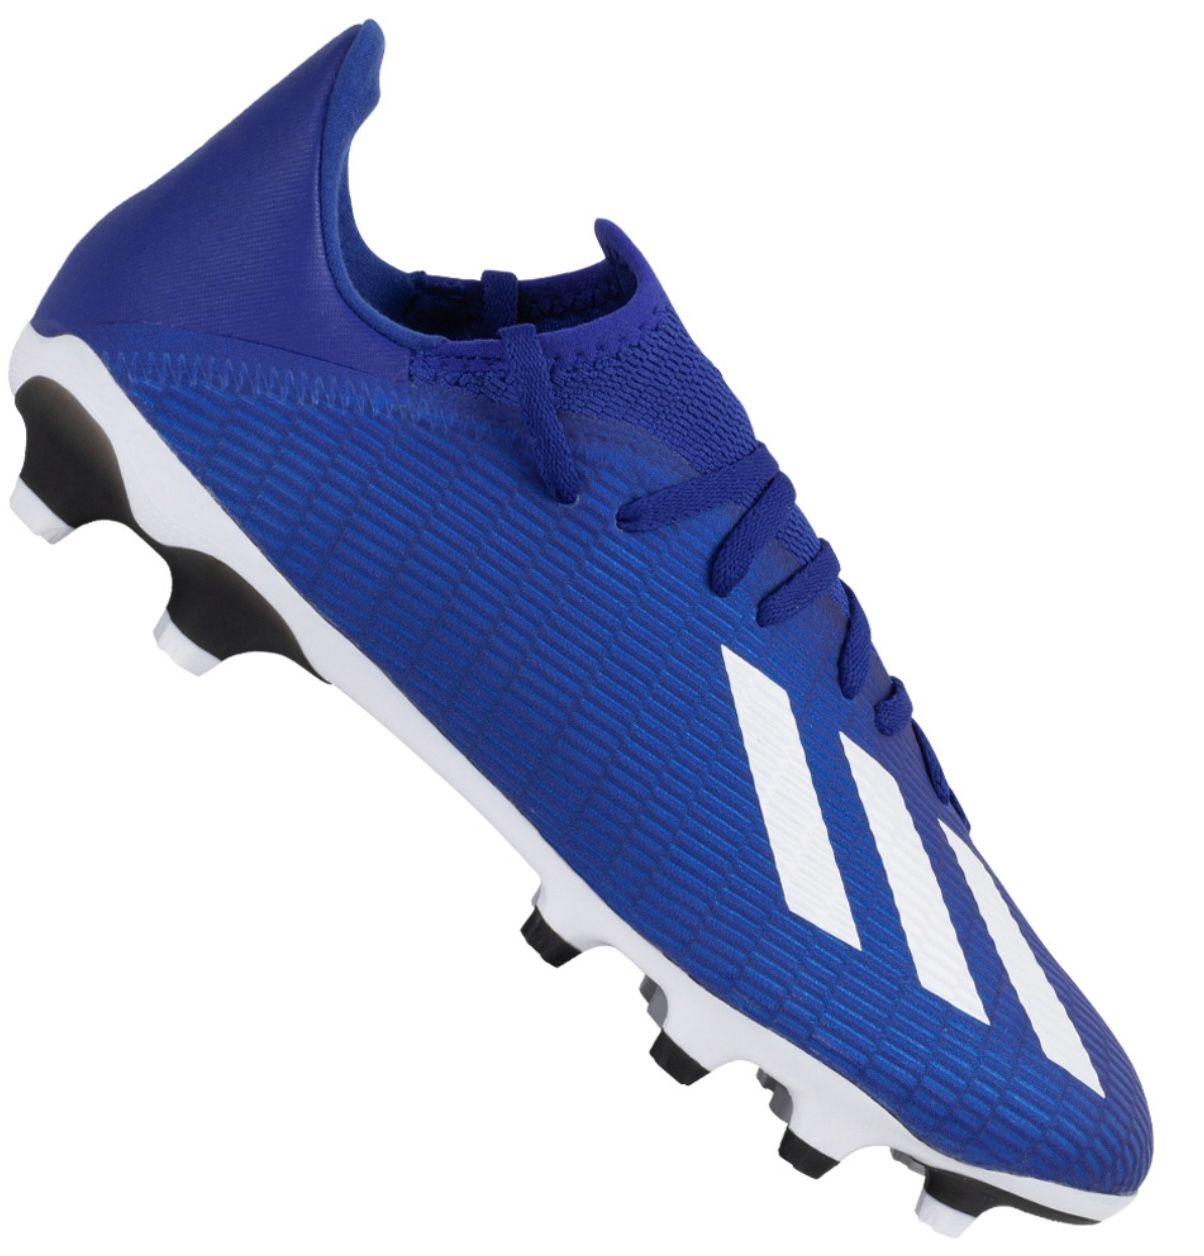 adidas X 19.3 MG Herren Fußballschuhe in Blau für 33,94€ (statt 48€)